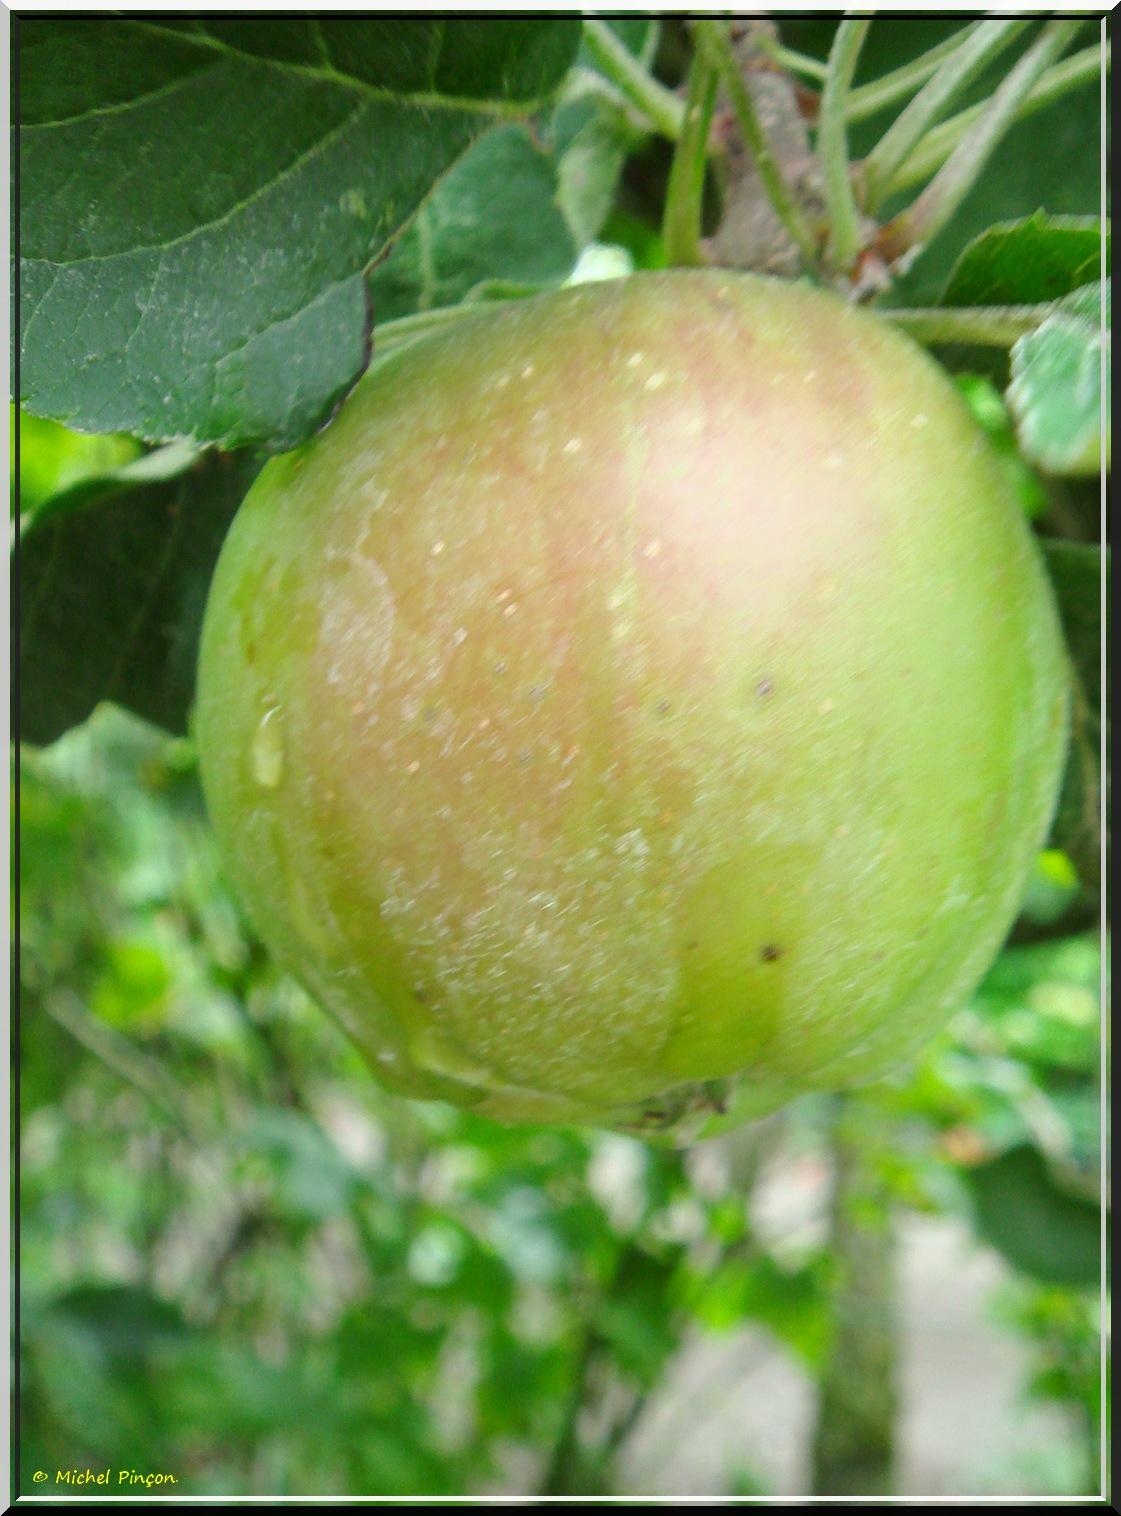 [Fil ouvert] Fruit sur l'arbre - Page 7 625963DSC013376